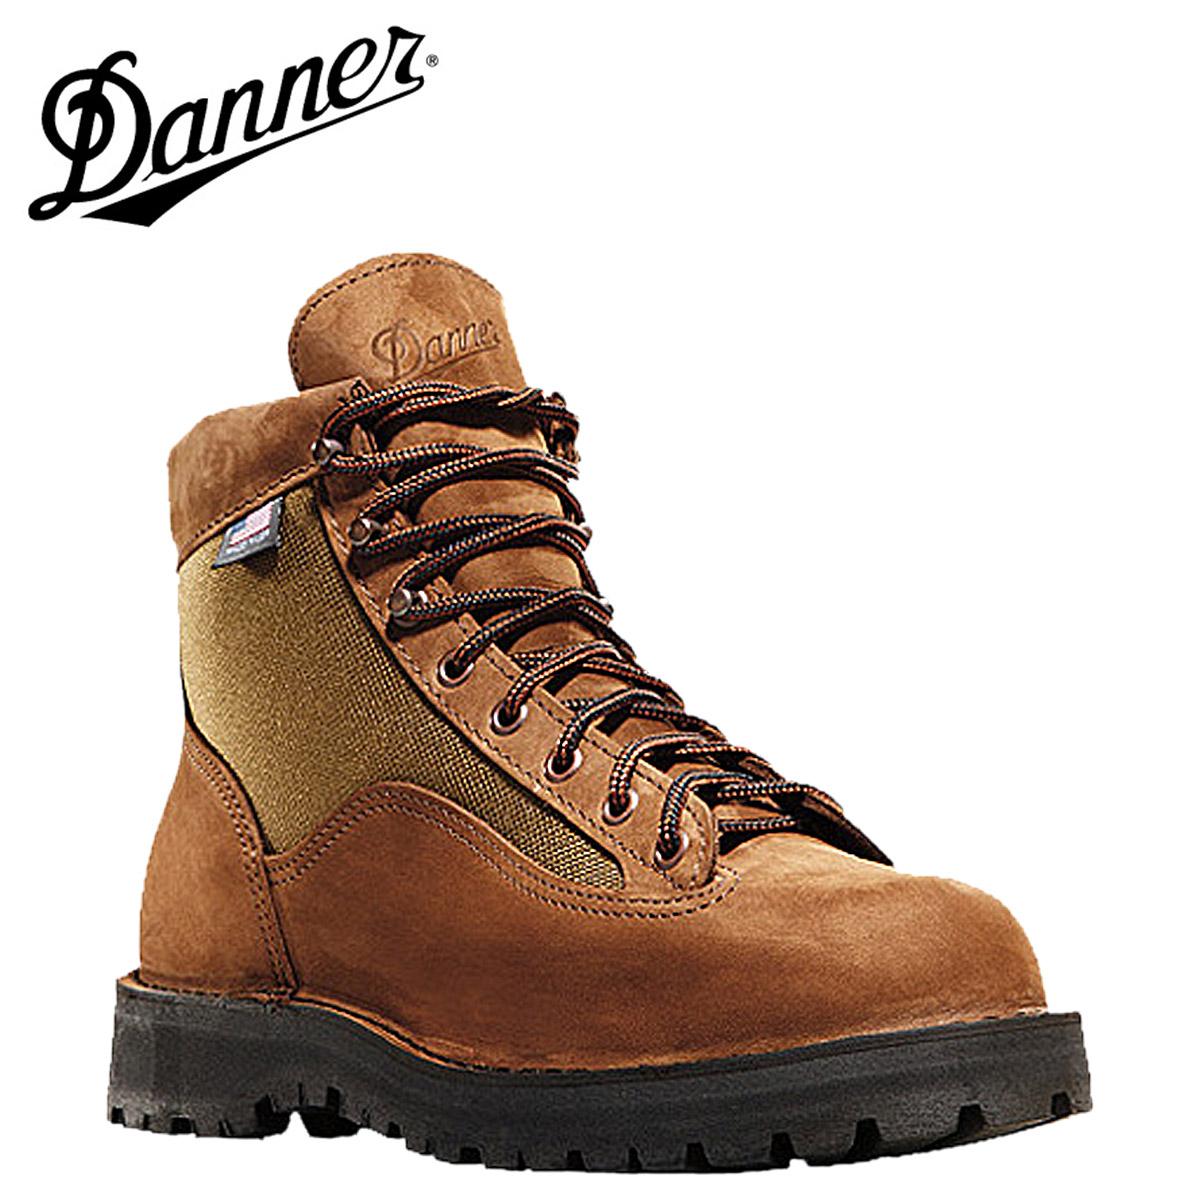 【最大2000円OFFクーポン】 ダナー Danner ダナーライト2 ブーツ 33000 ライトブラウン Light II Dワイズ EEワイズ ヌバック BOOTS メンズ [3/3 再入荷]